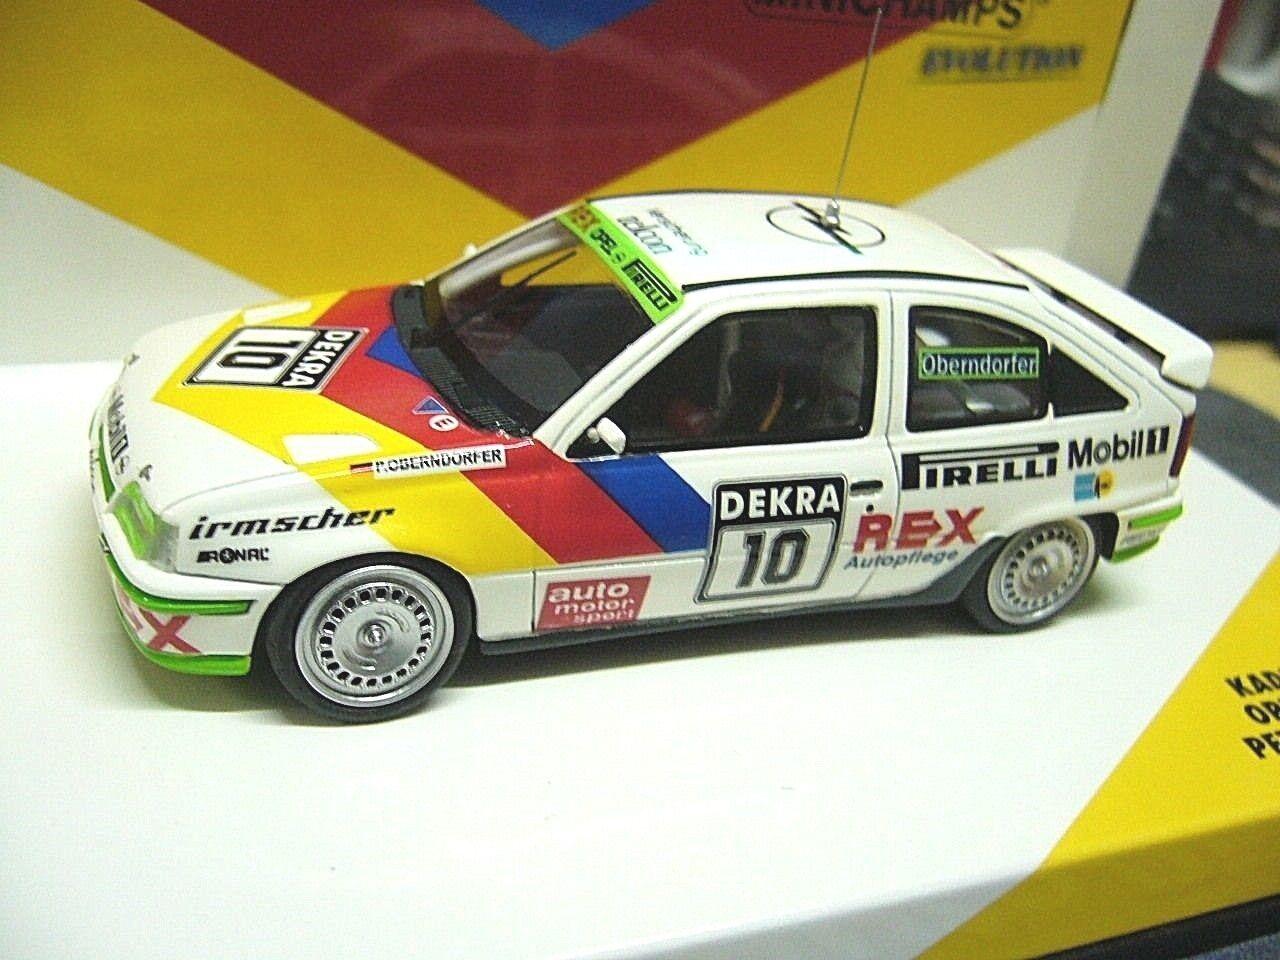 Opel Kadett E GSI DTM viajes auto 1989  10 Oberndorfer irmscher Minichamps 1 43